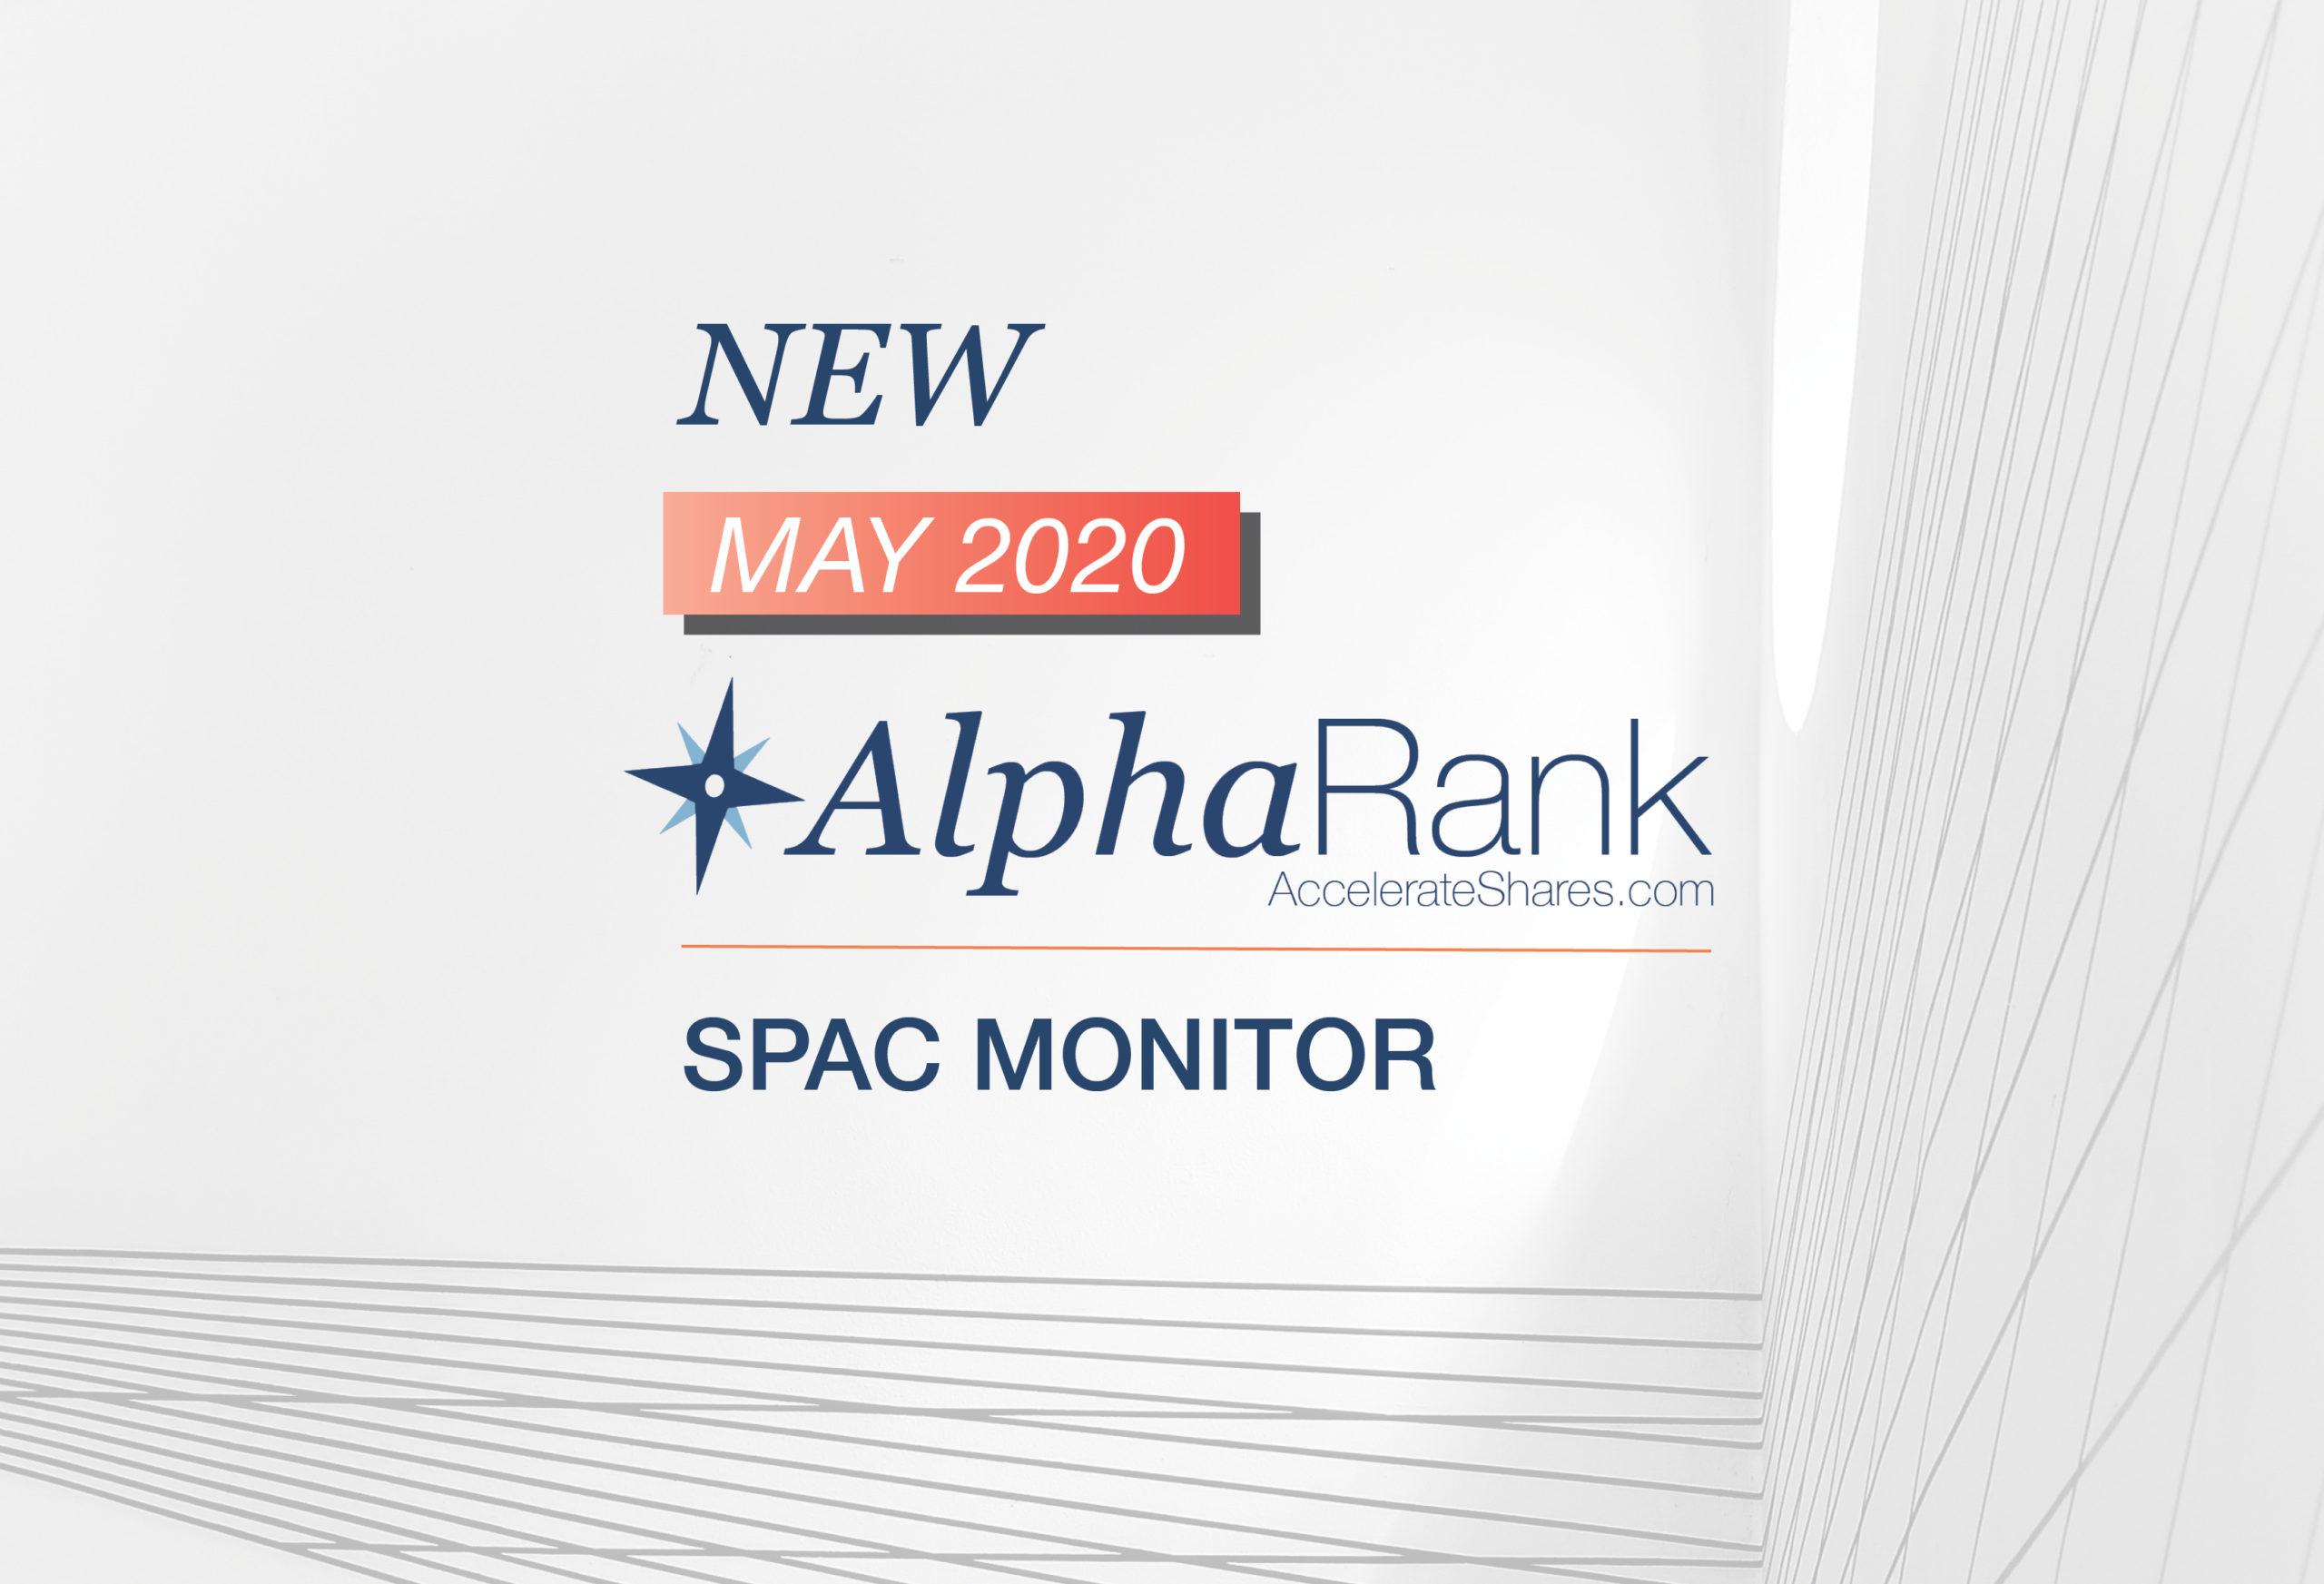 *NEW* AlphaRank SPAC Monitor – May 2020